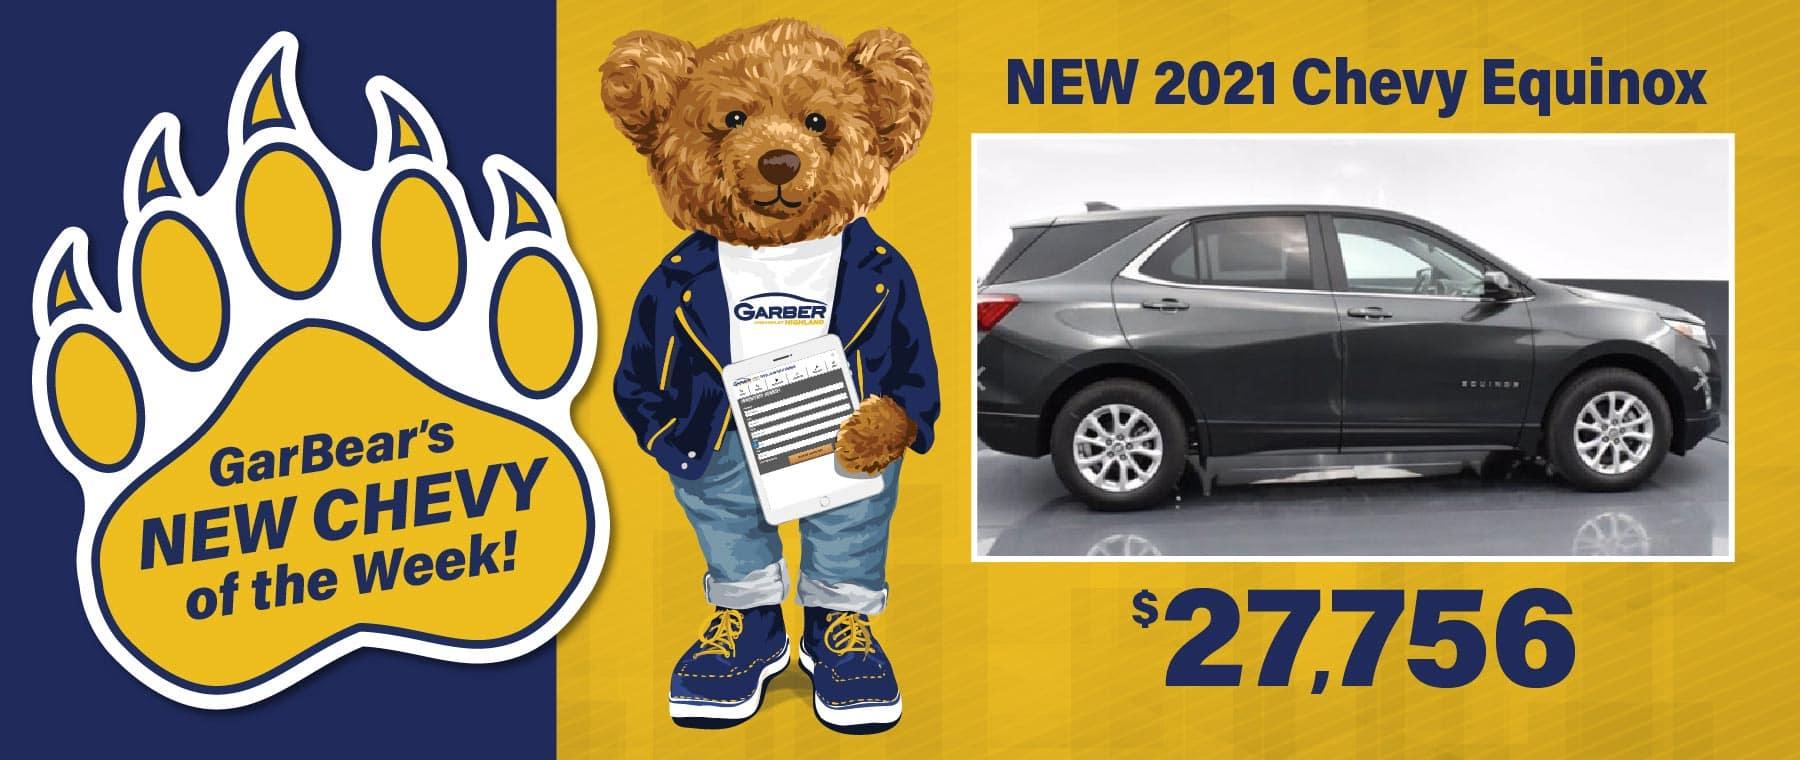 2021 Chevy Equinox $27,756